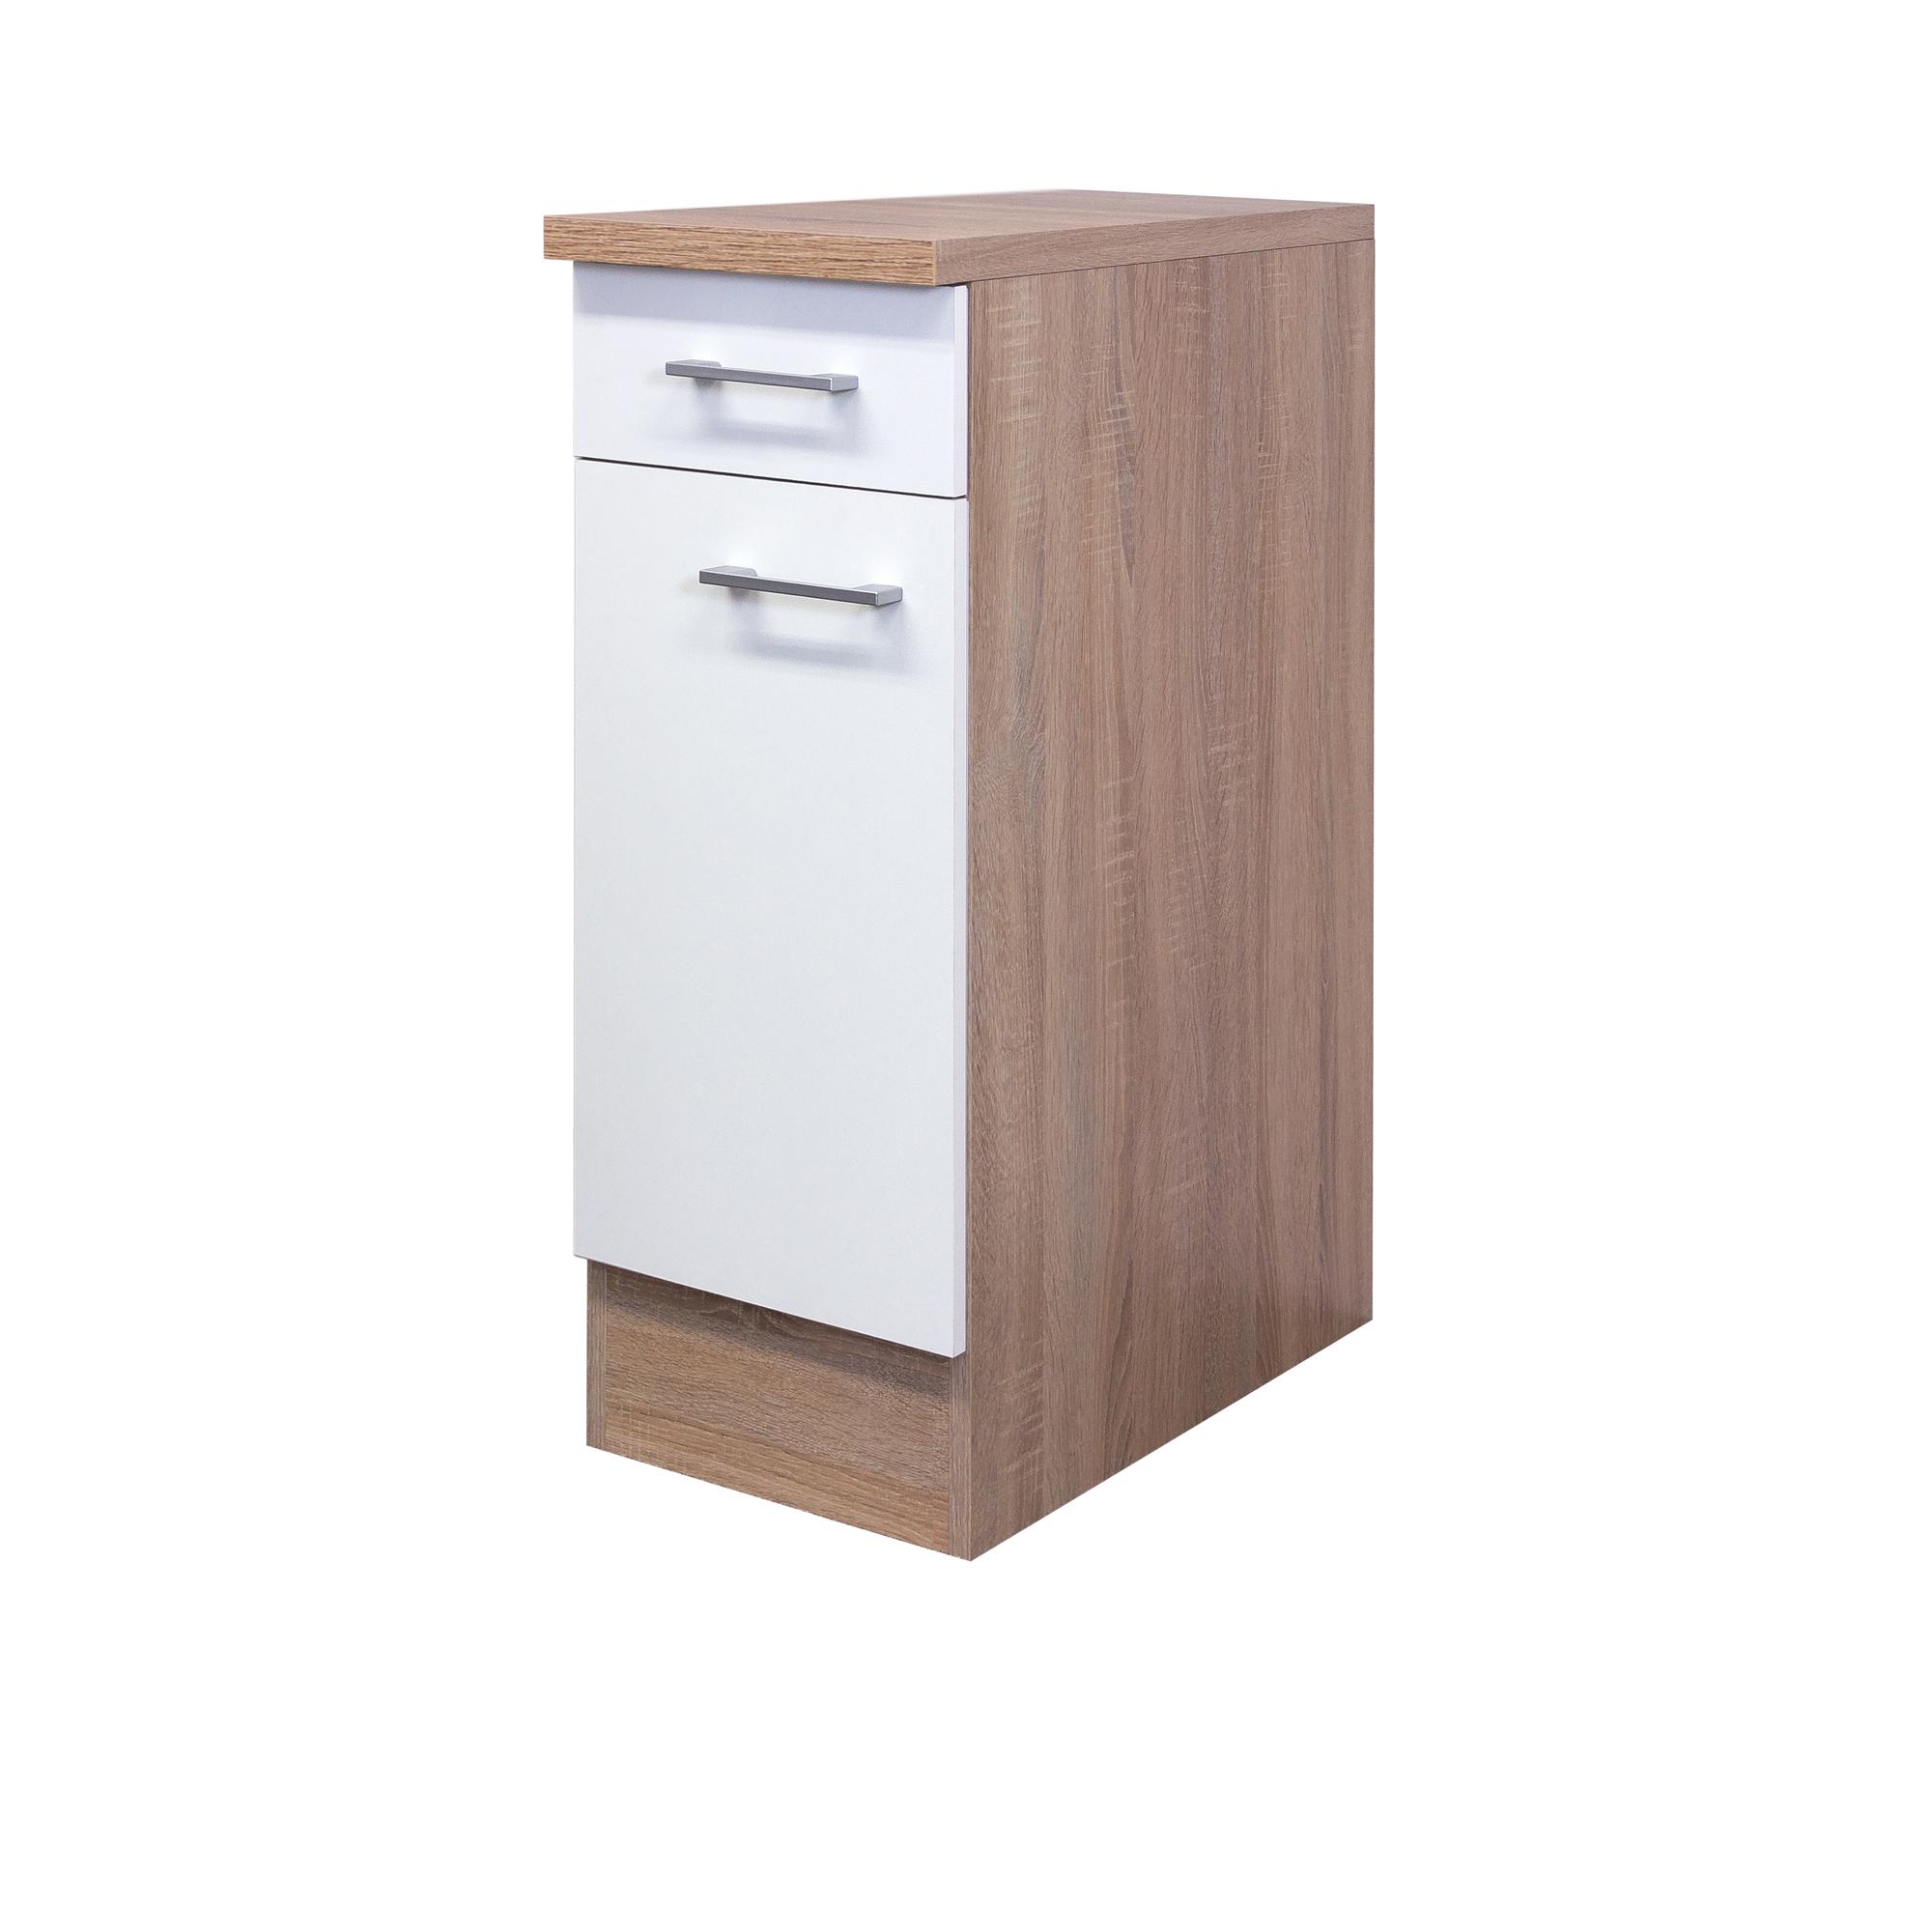 k chen unterschrank rom k chenschrank mit 1 t r 30 cm breit weiss sonoma ebay. Black Bedroom Furniture Sets. Home Design Ideas